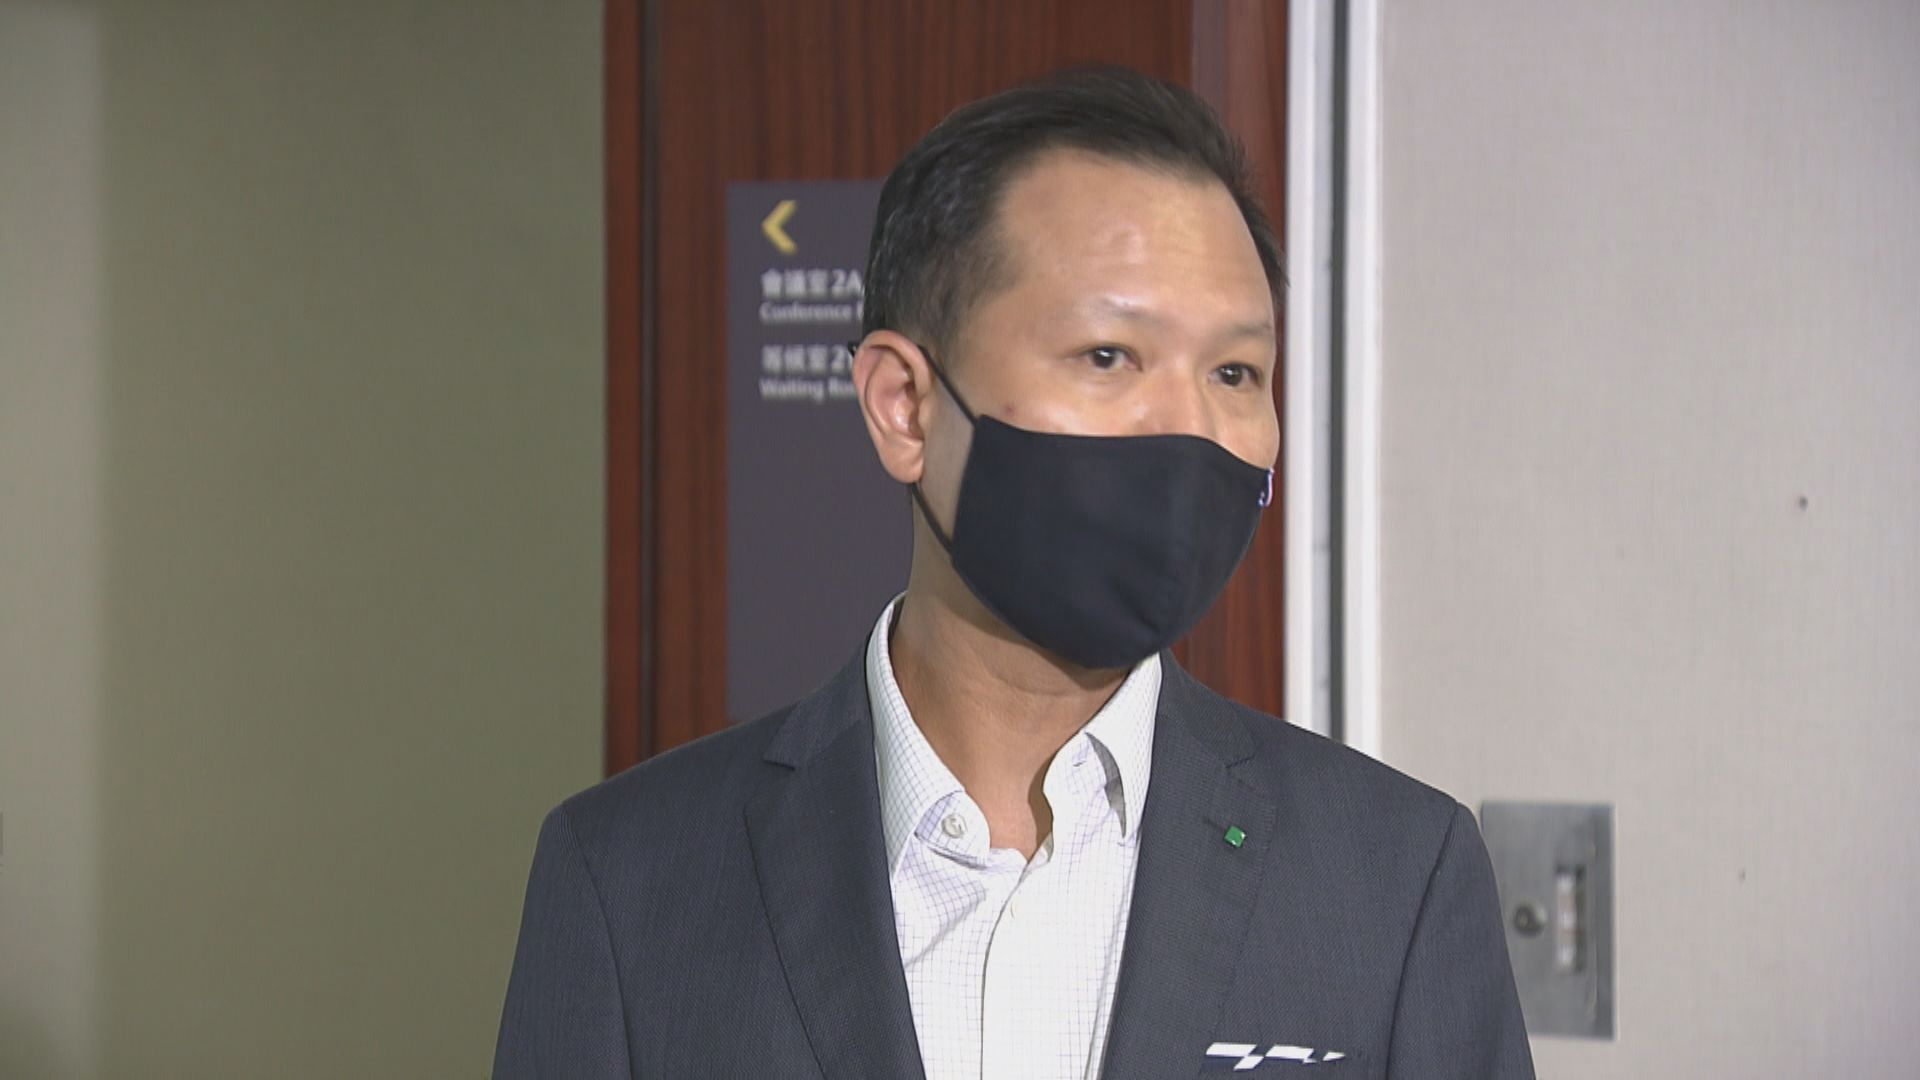 郭榮鏗:馬道立發聲明是因為法庭不斷受壓